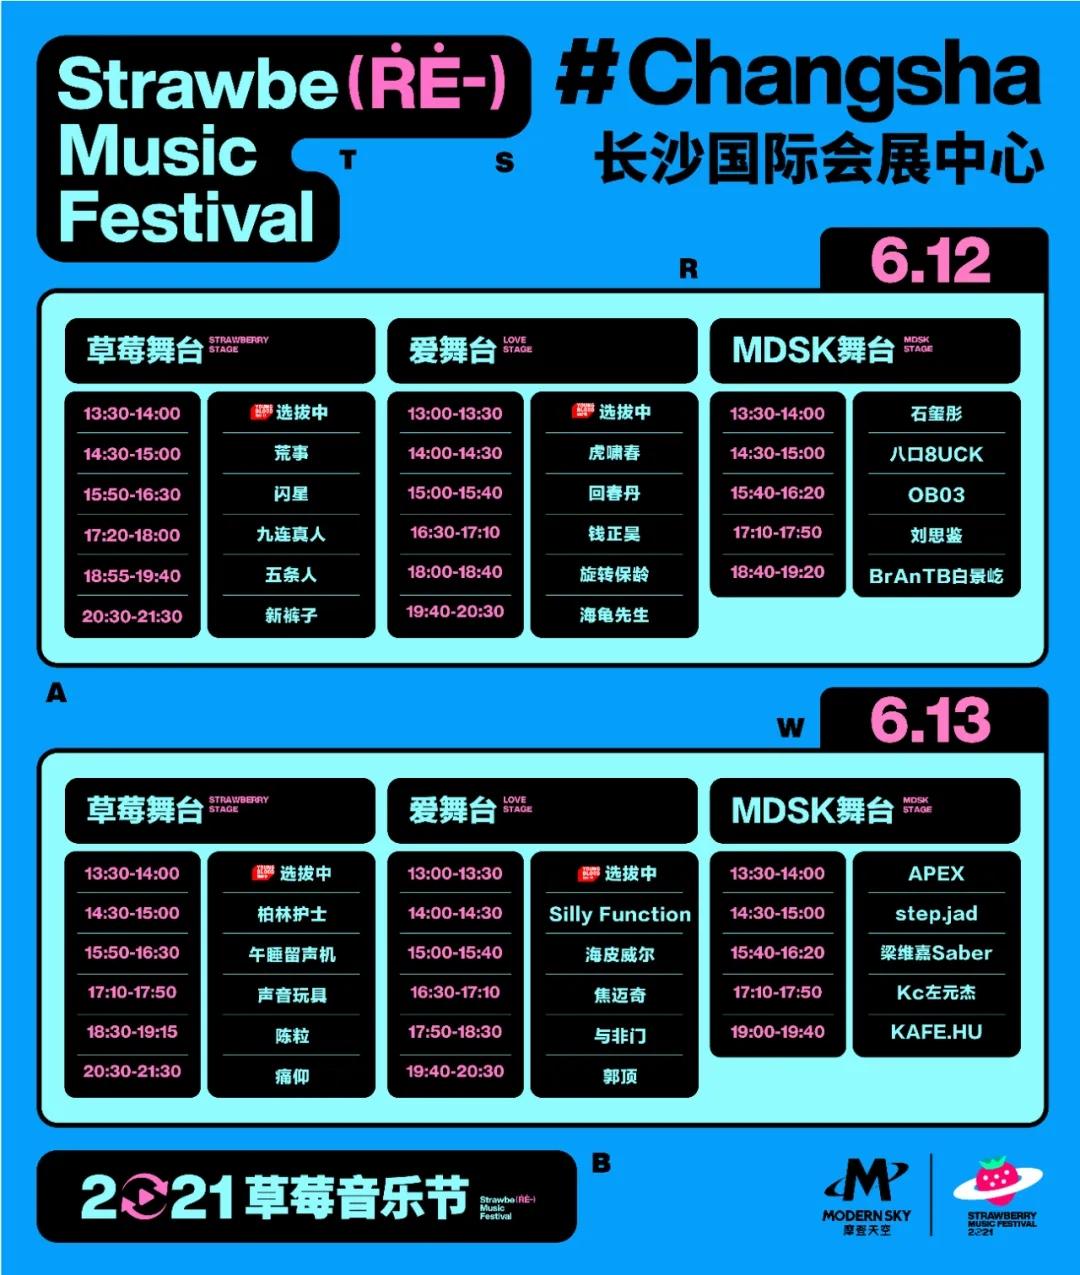 2021长沙草莓音乐节